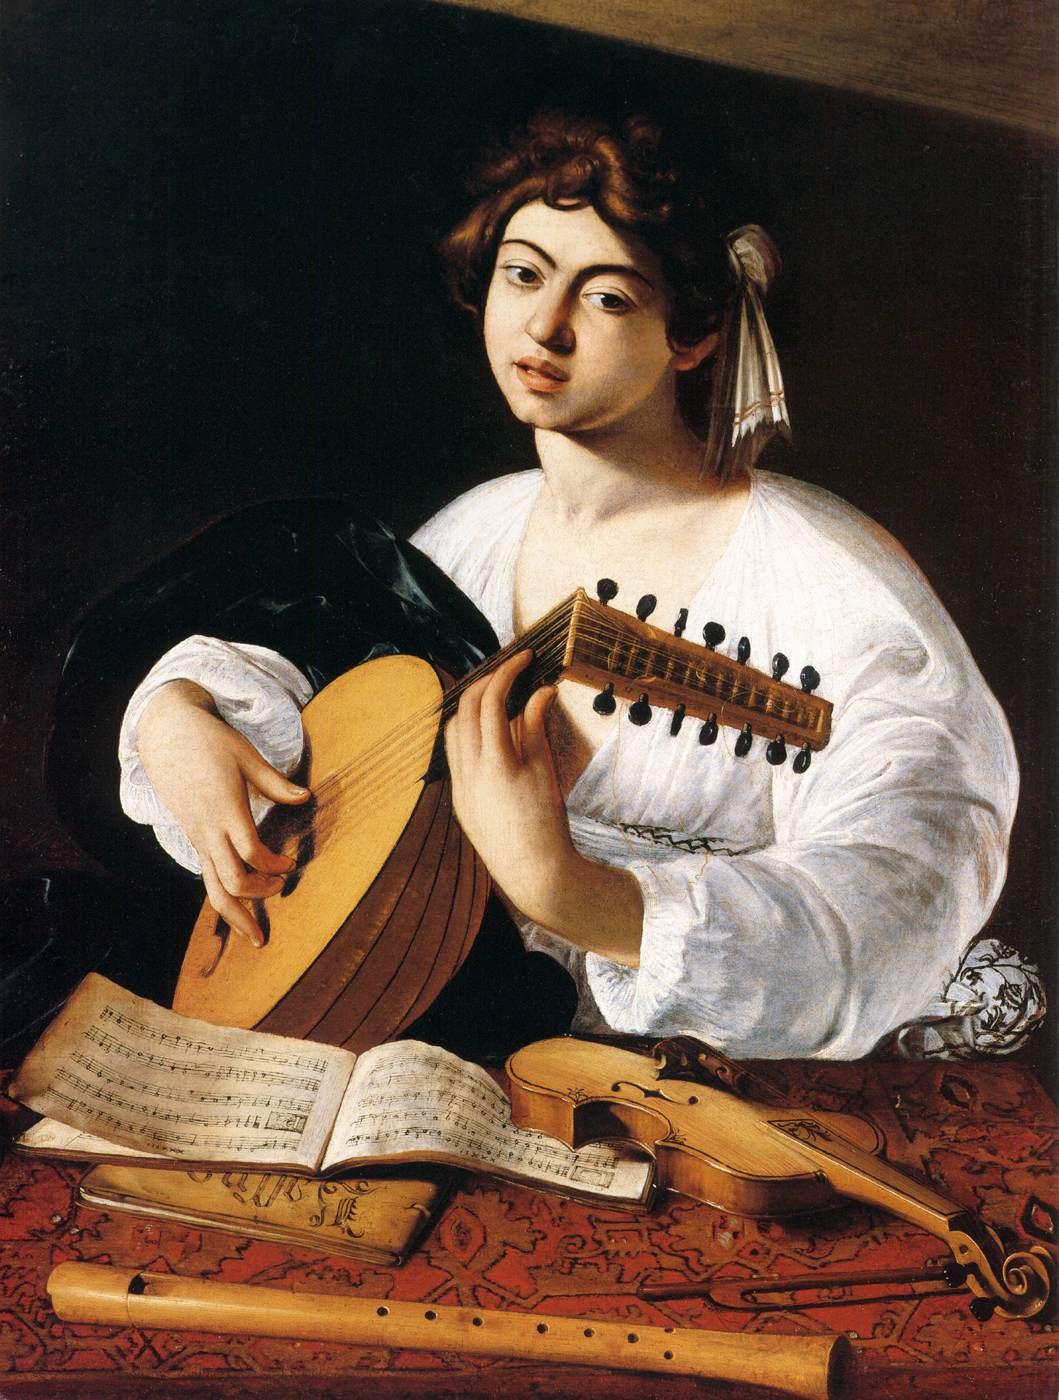 The Lute Player, Caravaggio, 1596